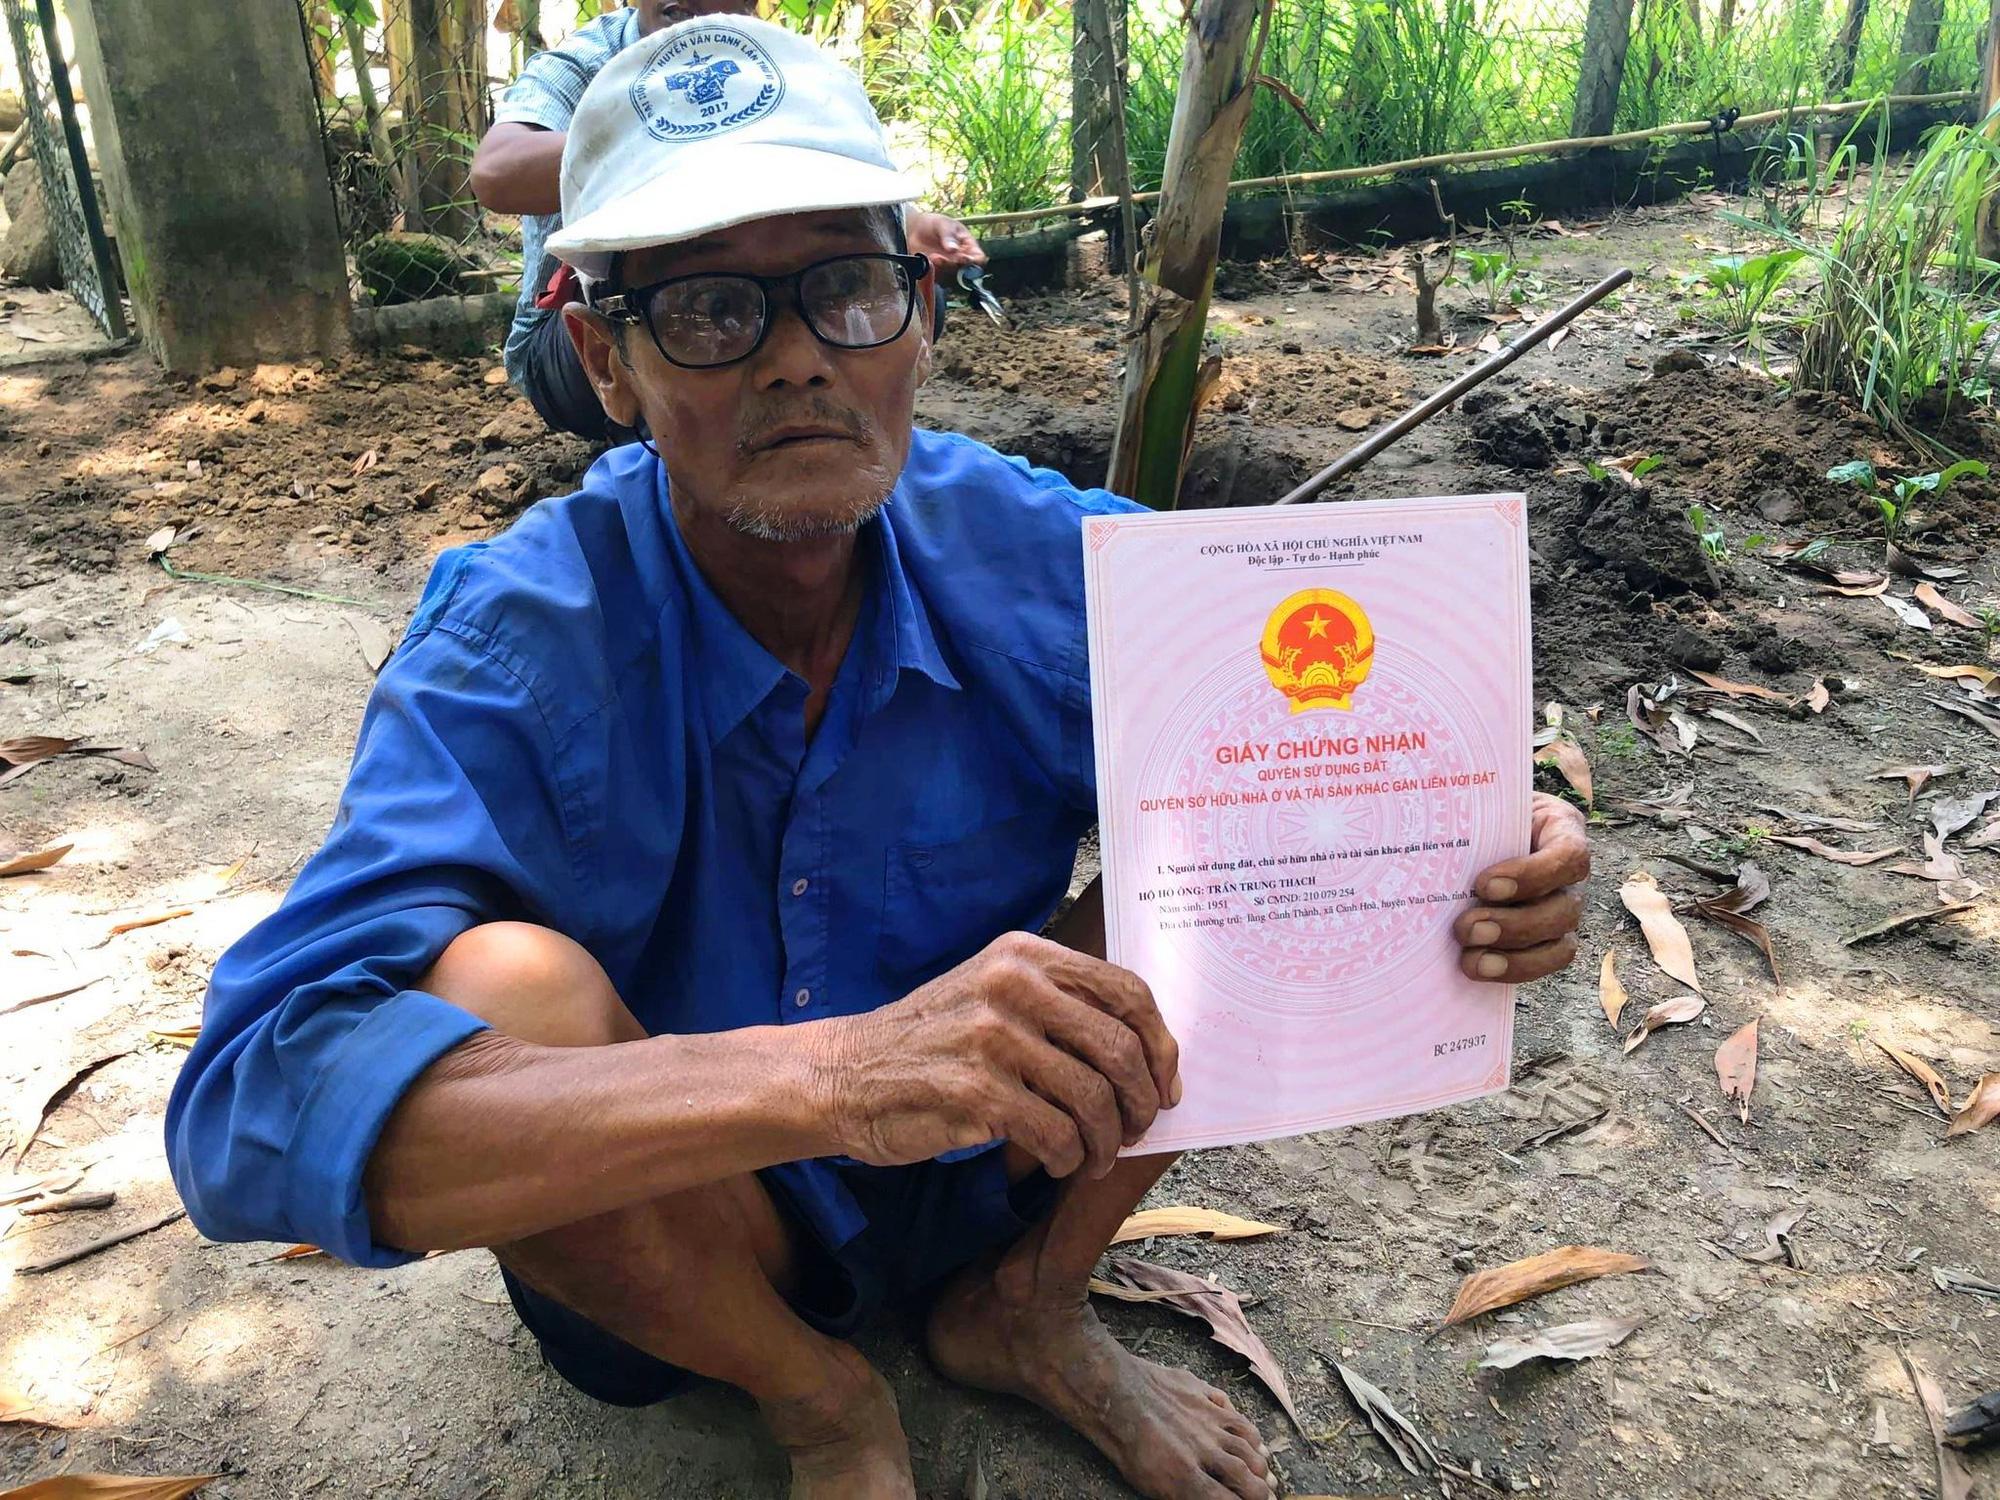 """""""Chuyện lạ"""" ở Bình Định: Huyện cấp 90 sổ đỏ cho dân, xã đề nghị hủy 89 sổ - Ảnh 1."""